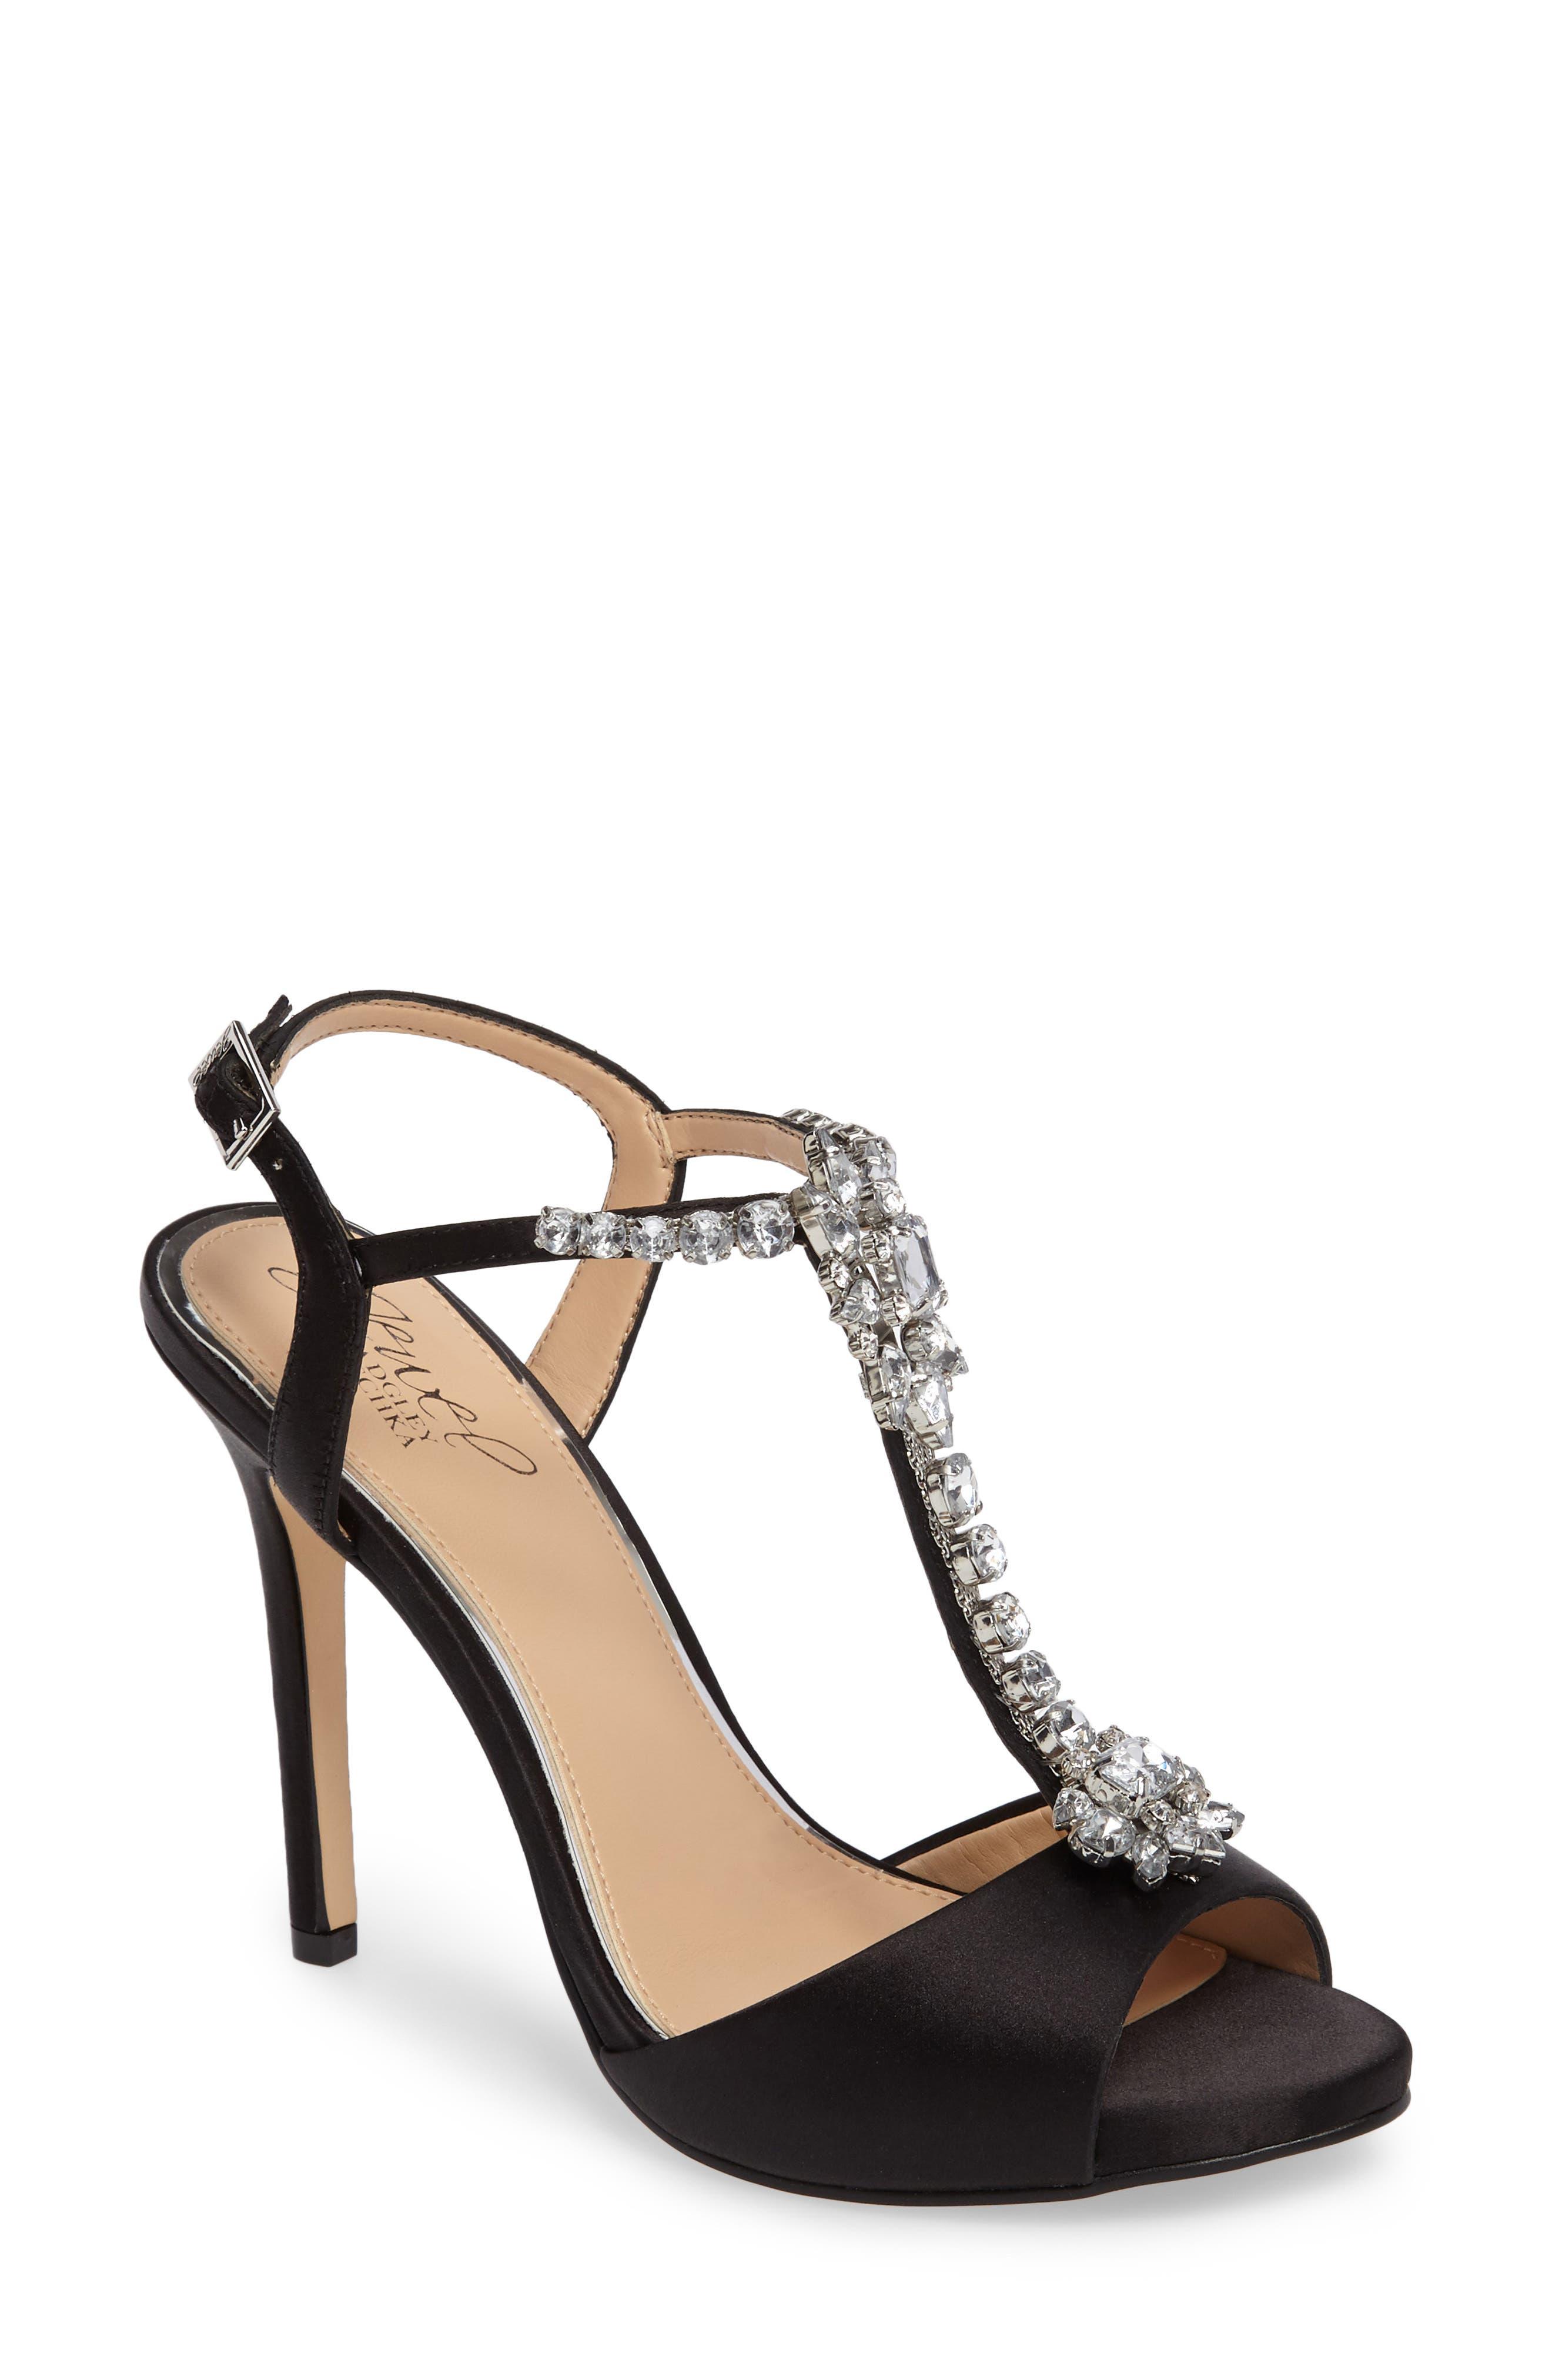 Leeane T-Strap Sandal,                         Main,                         color, 015